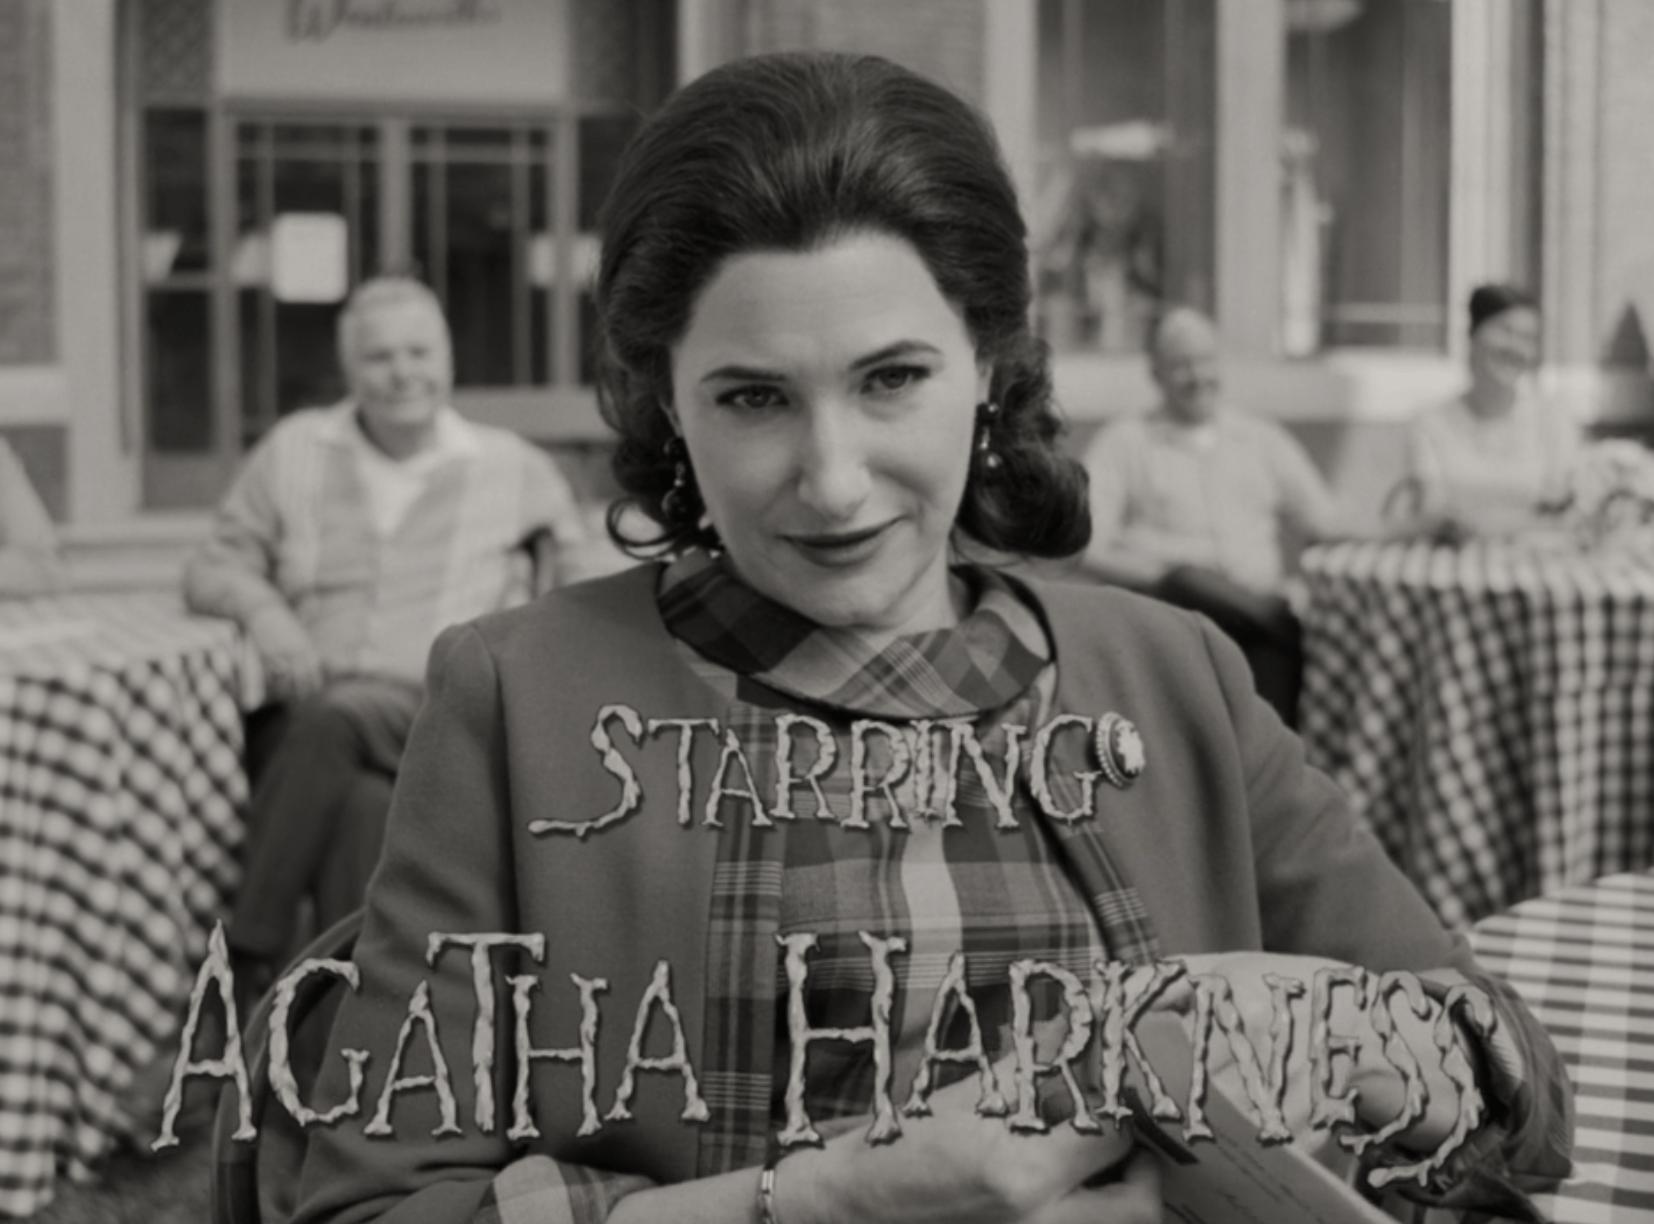 Agatha Harkness leleplezése